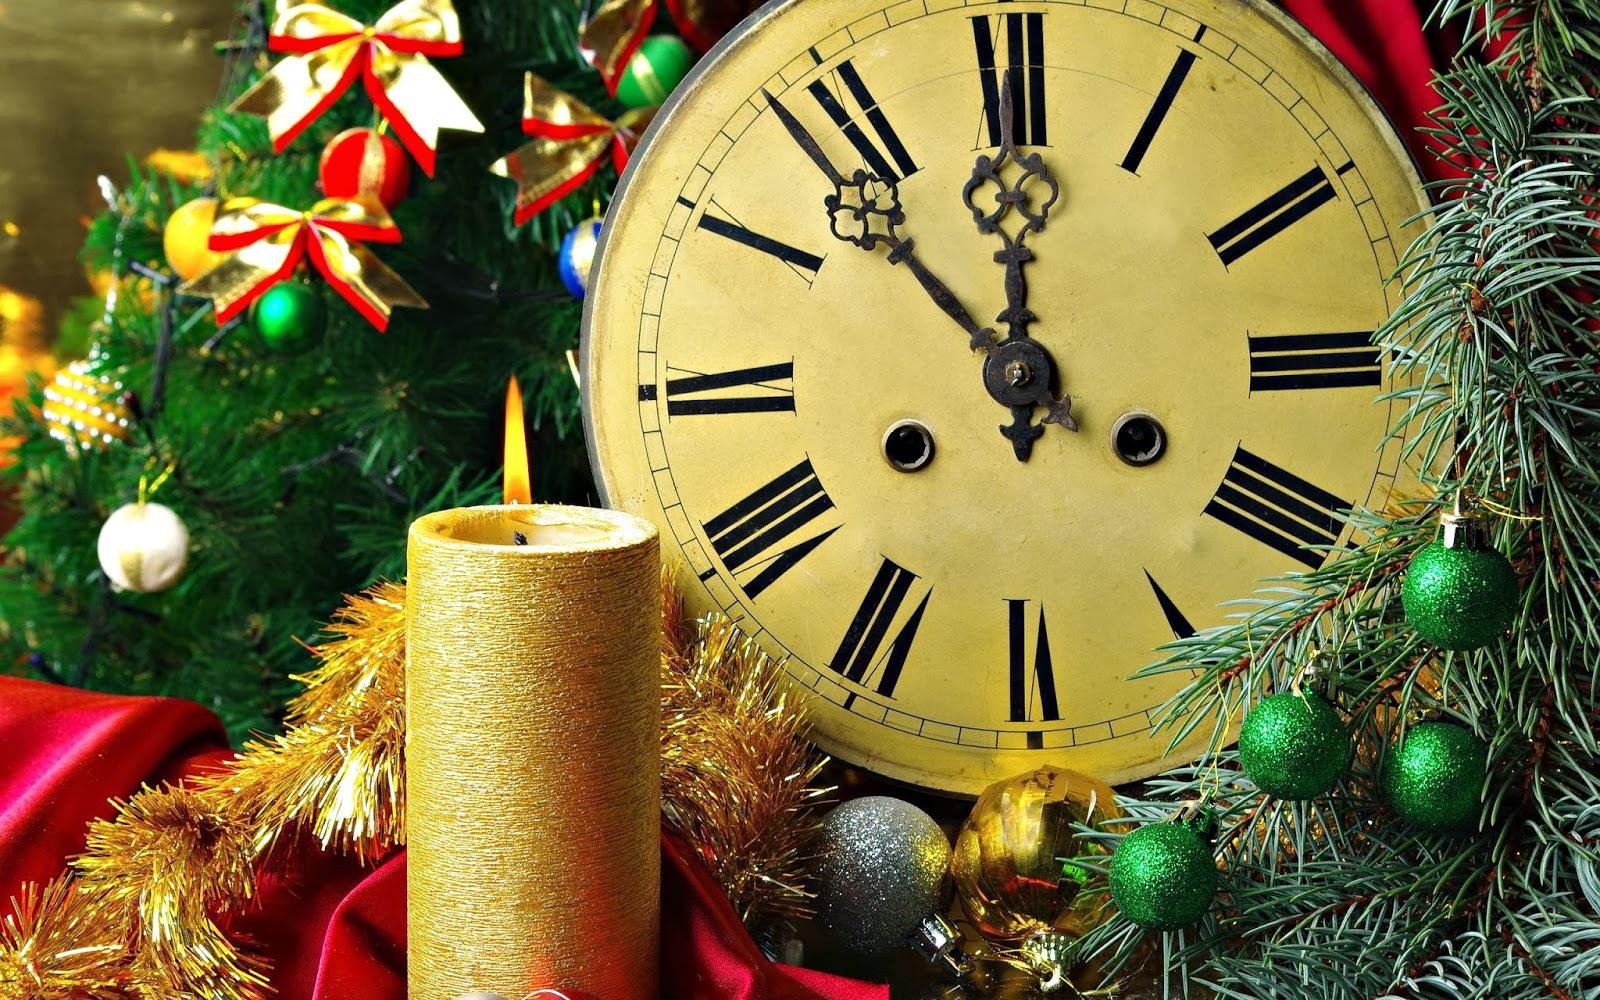 БИБЛИОЛУЖАЙКА: Як зустрічають Новий рік в країнах світу